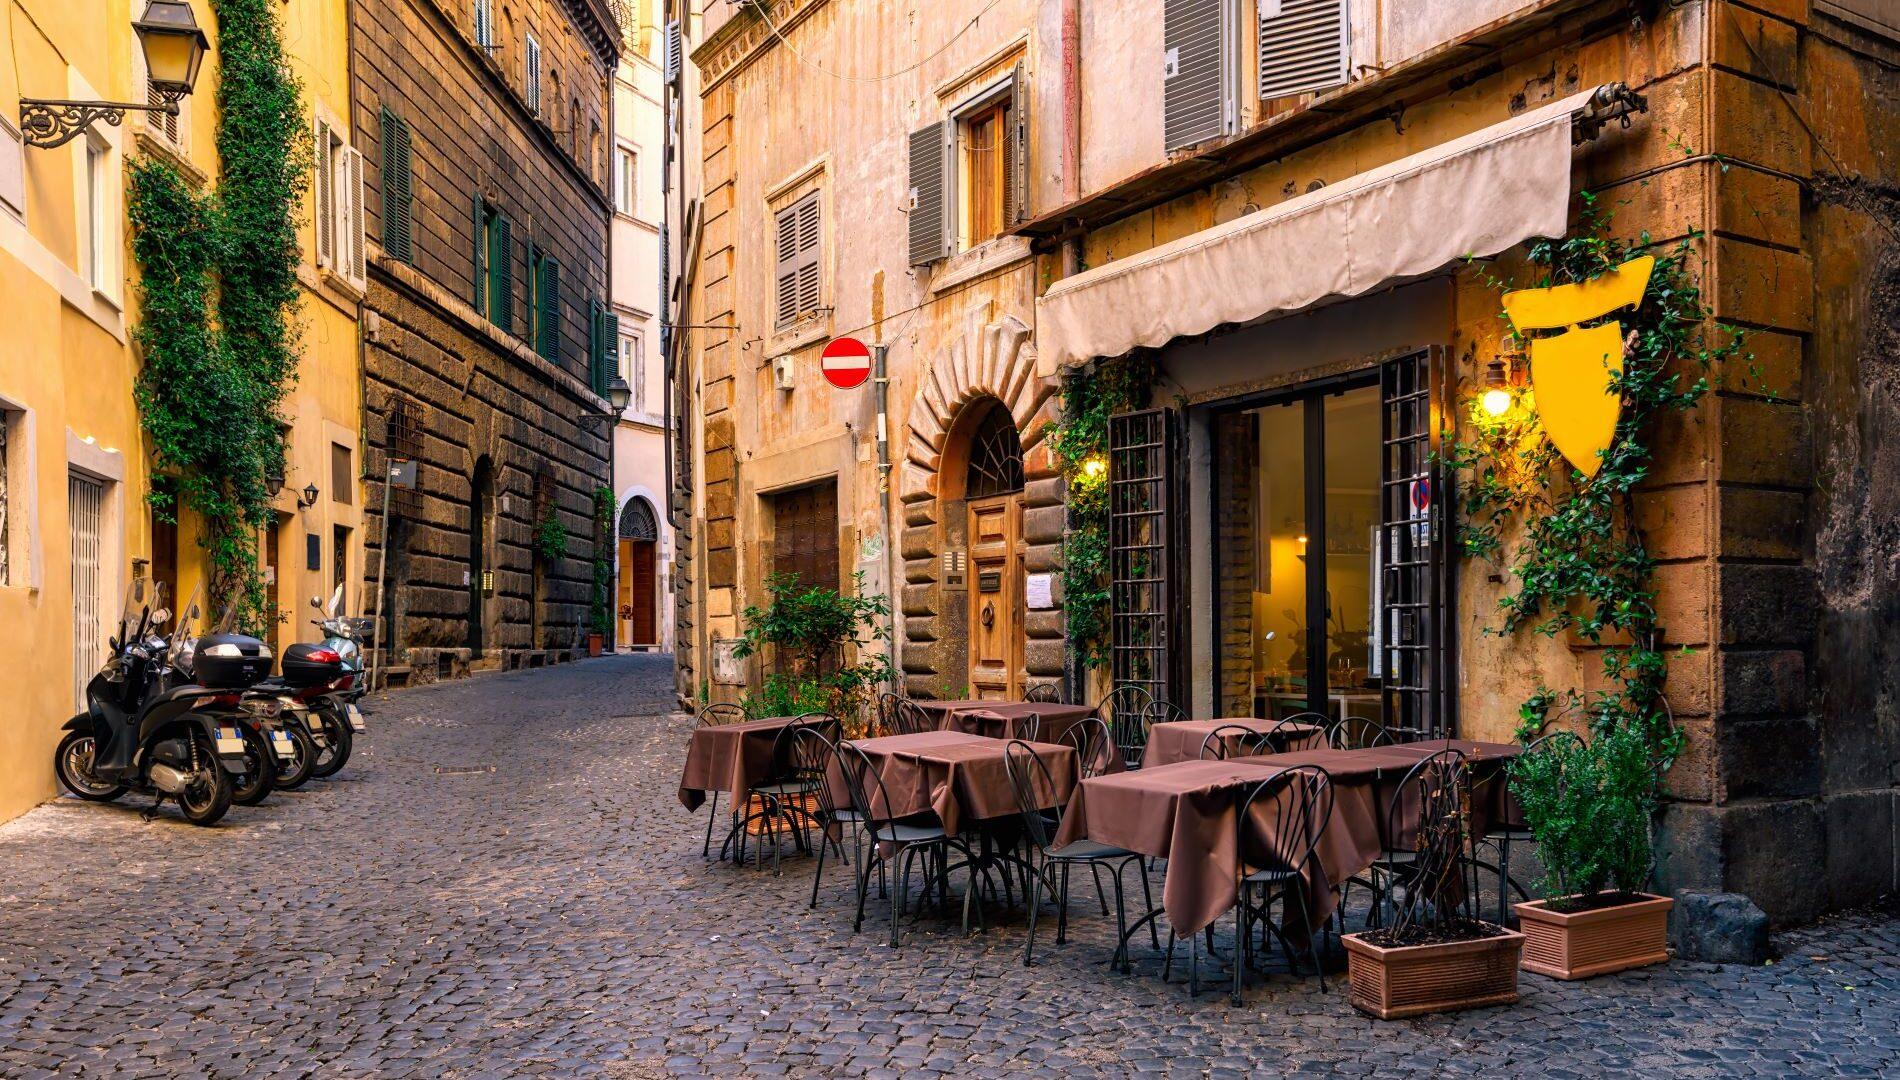 Dove trasferirsi in Italia per trovare lavoro